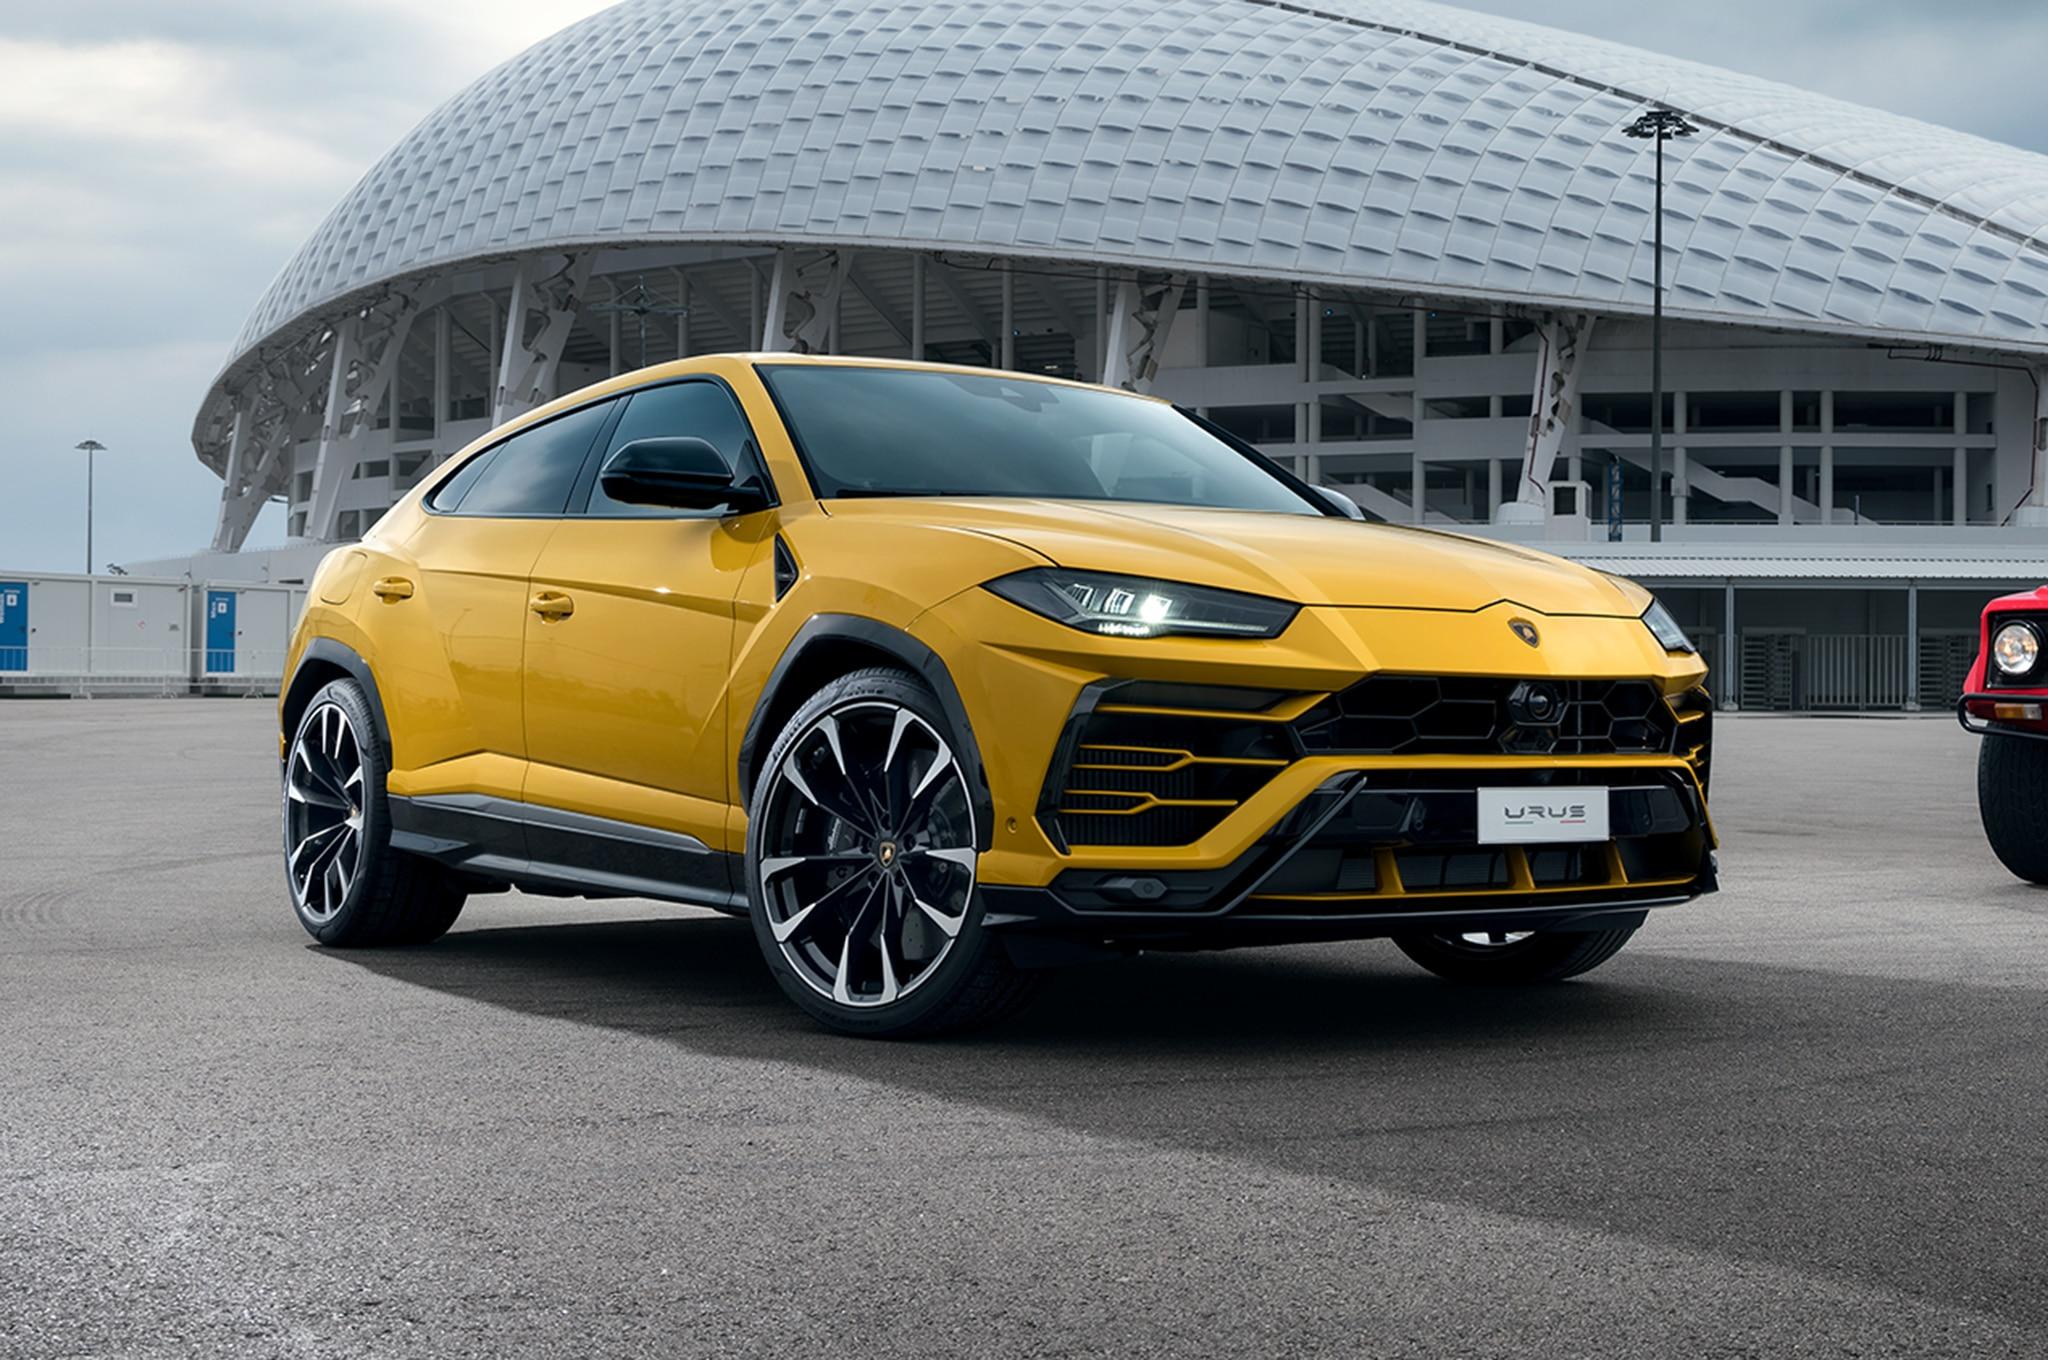 2019 Lamborghini Urus First Drive Review | Automobile Magazine